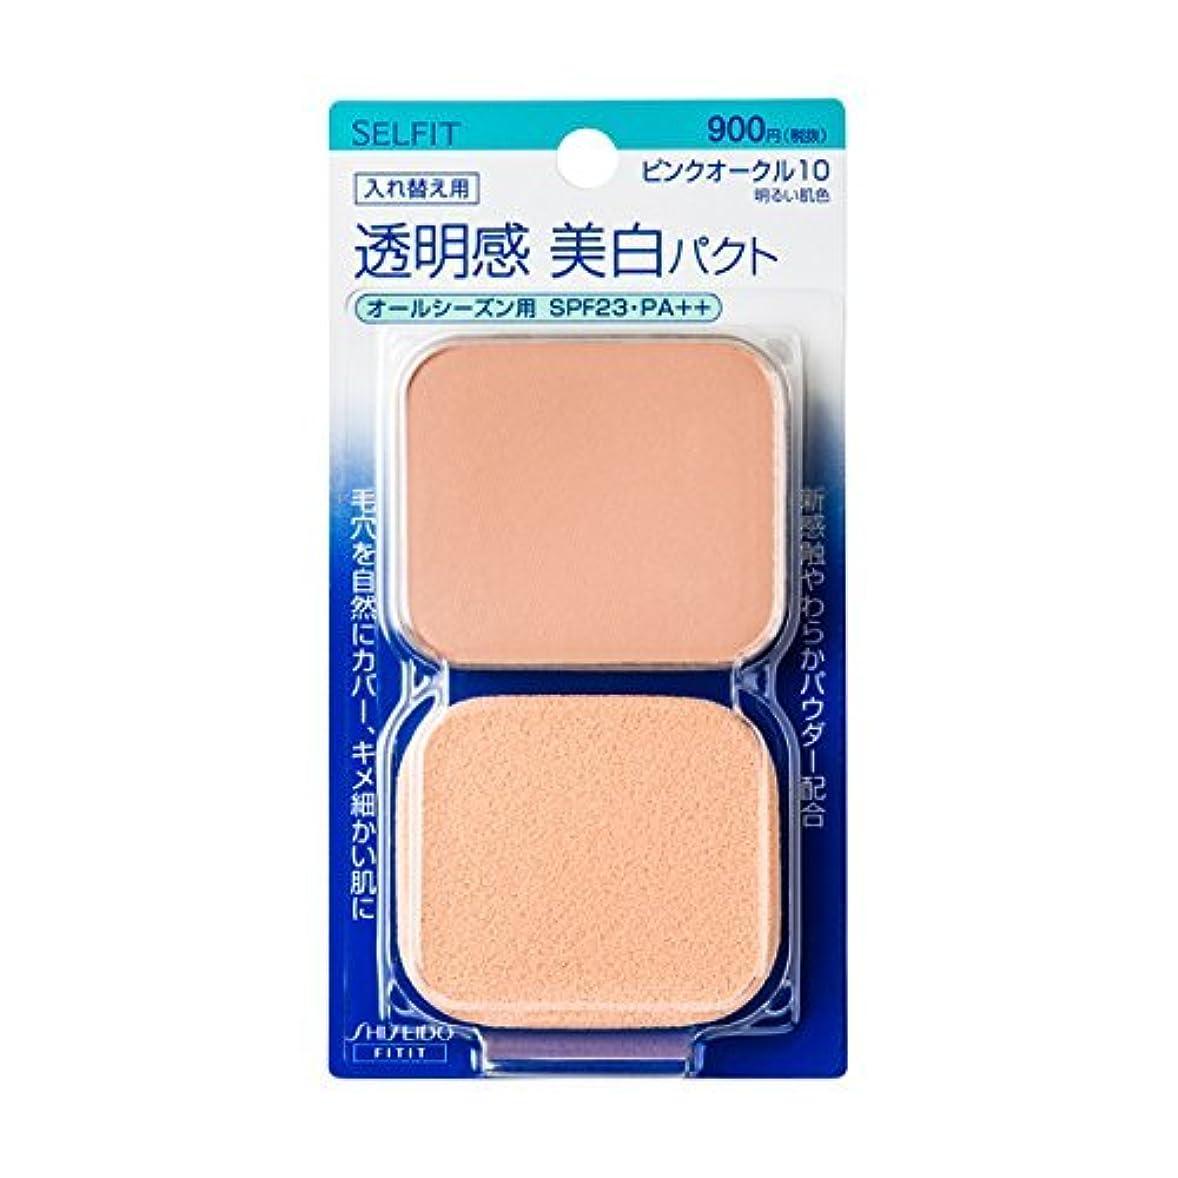 セルフィット ピュアホワイトファンデーション ピンクオークル10 (レフィル) 13g×3個